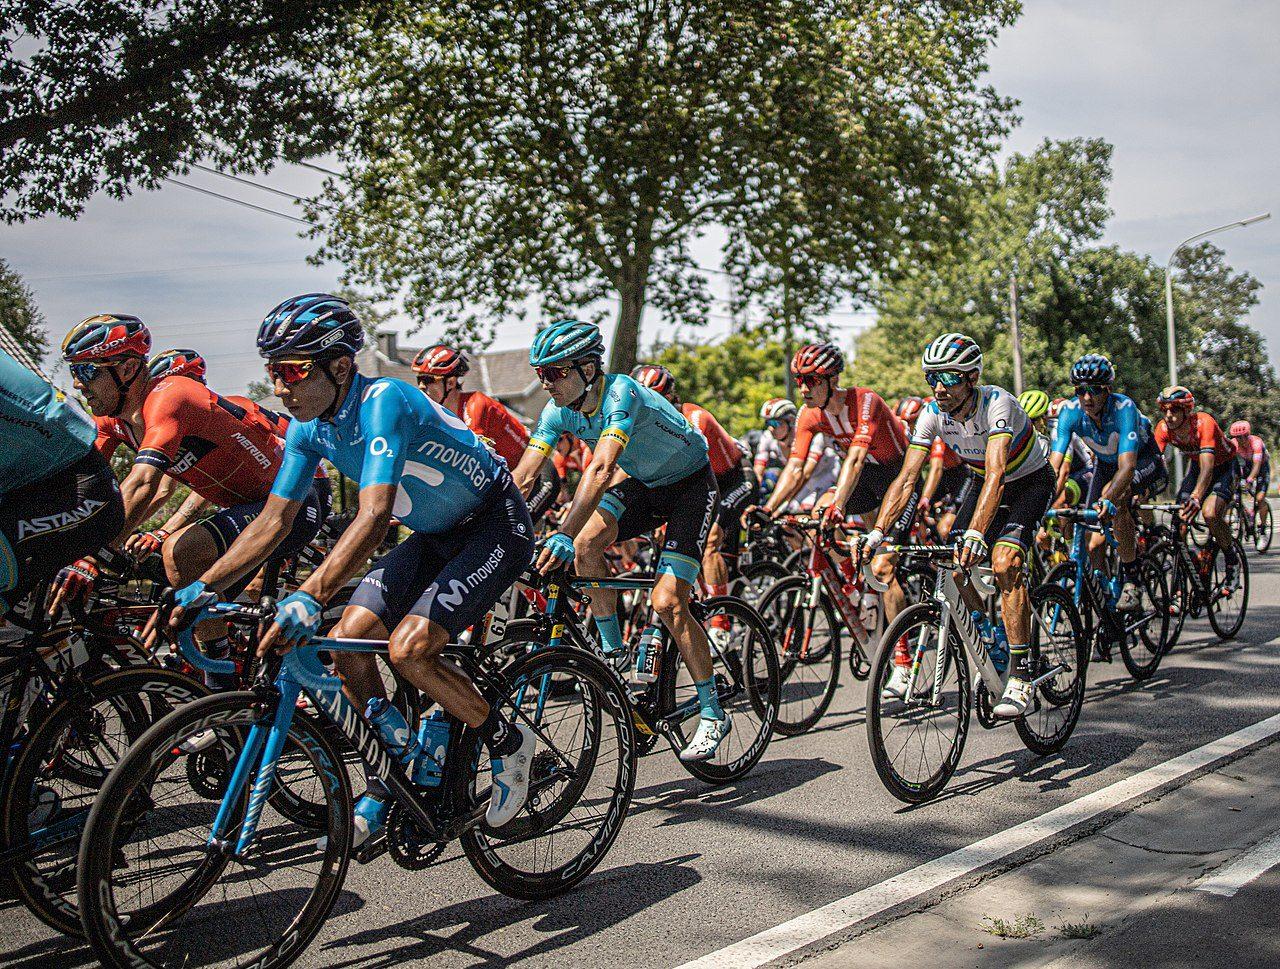 Officielt: Dansk del af Tour de France udskudt til 2022